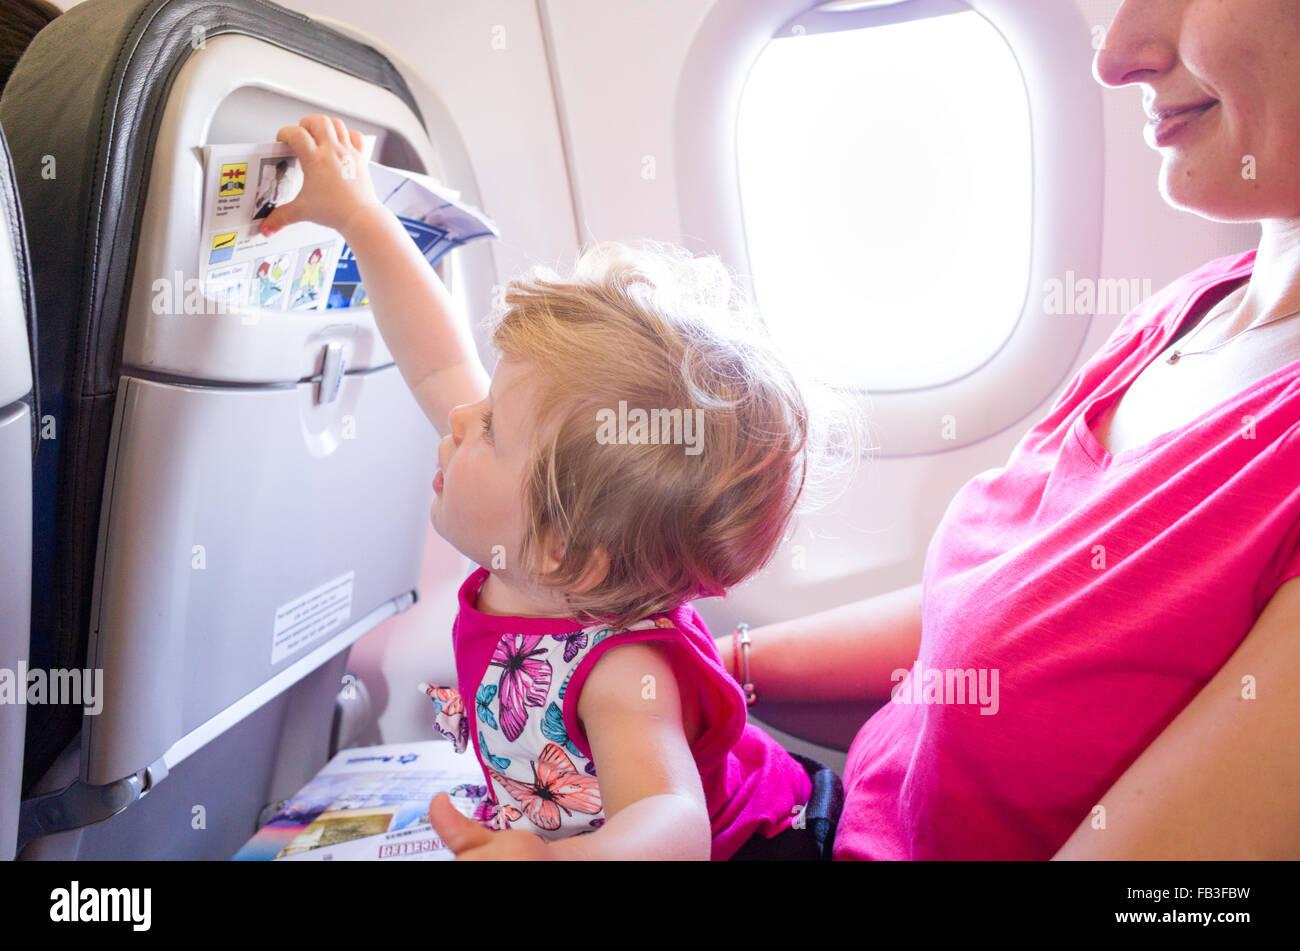 Madre viajar con bebé de un año de edad en un avión Imagen De Stock